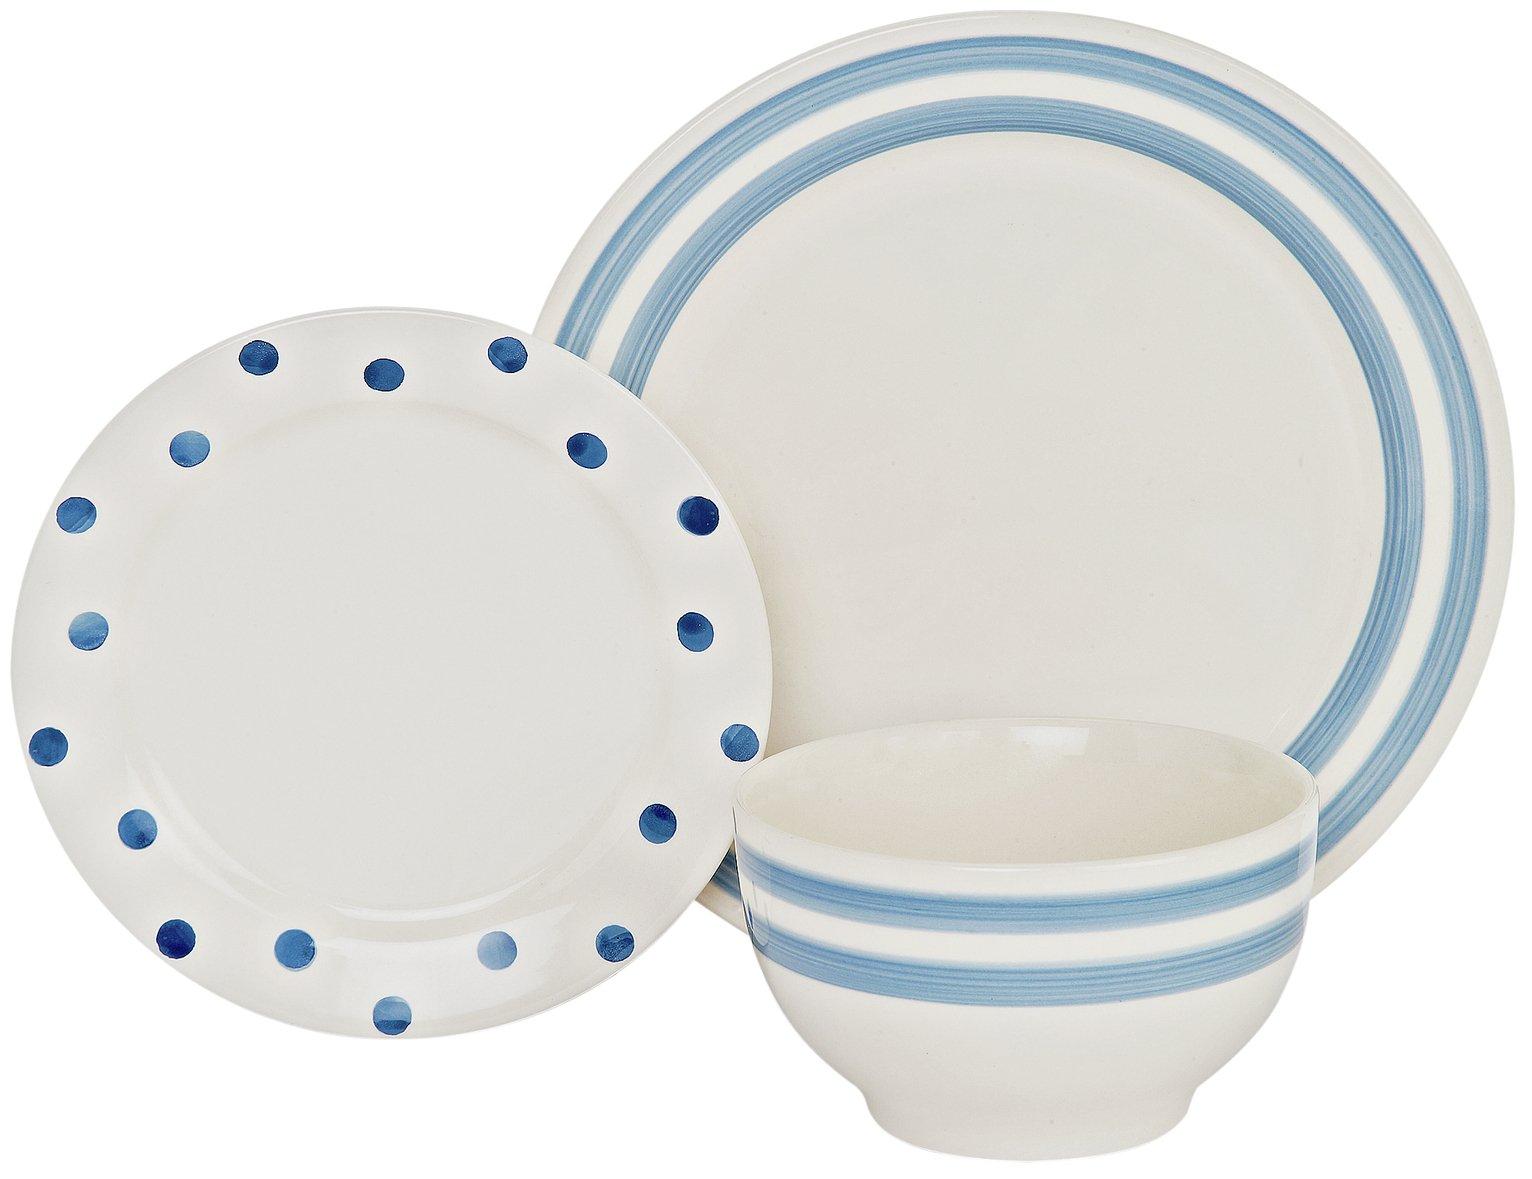 Argos Home 12 Piece Country Stripes Ceramic Dinner Set Blue